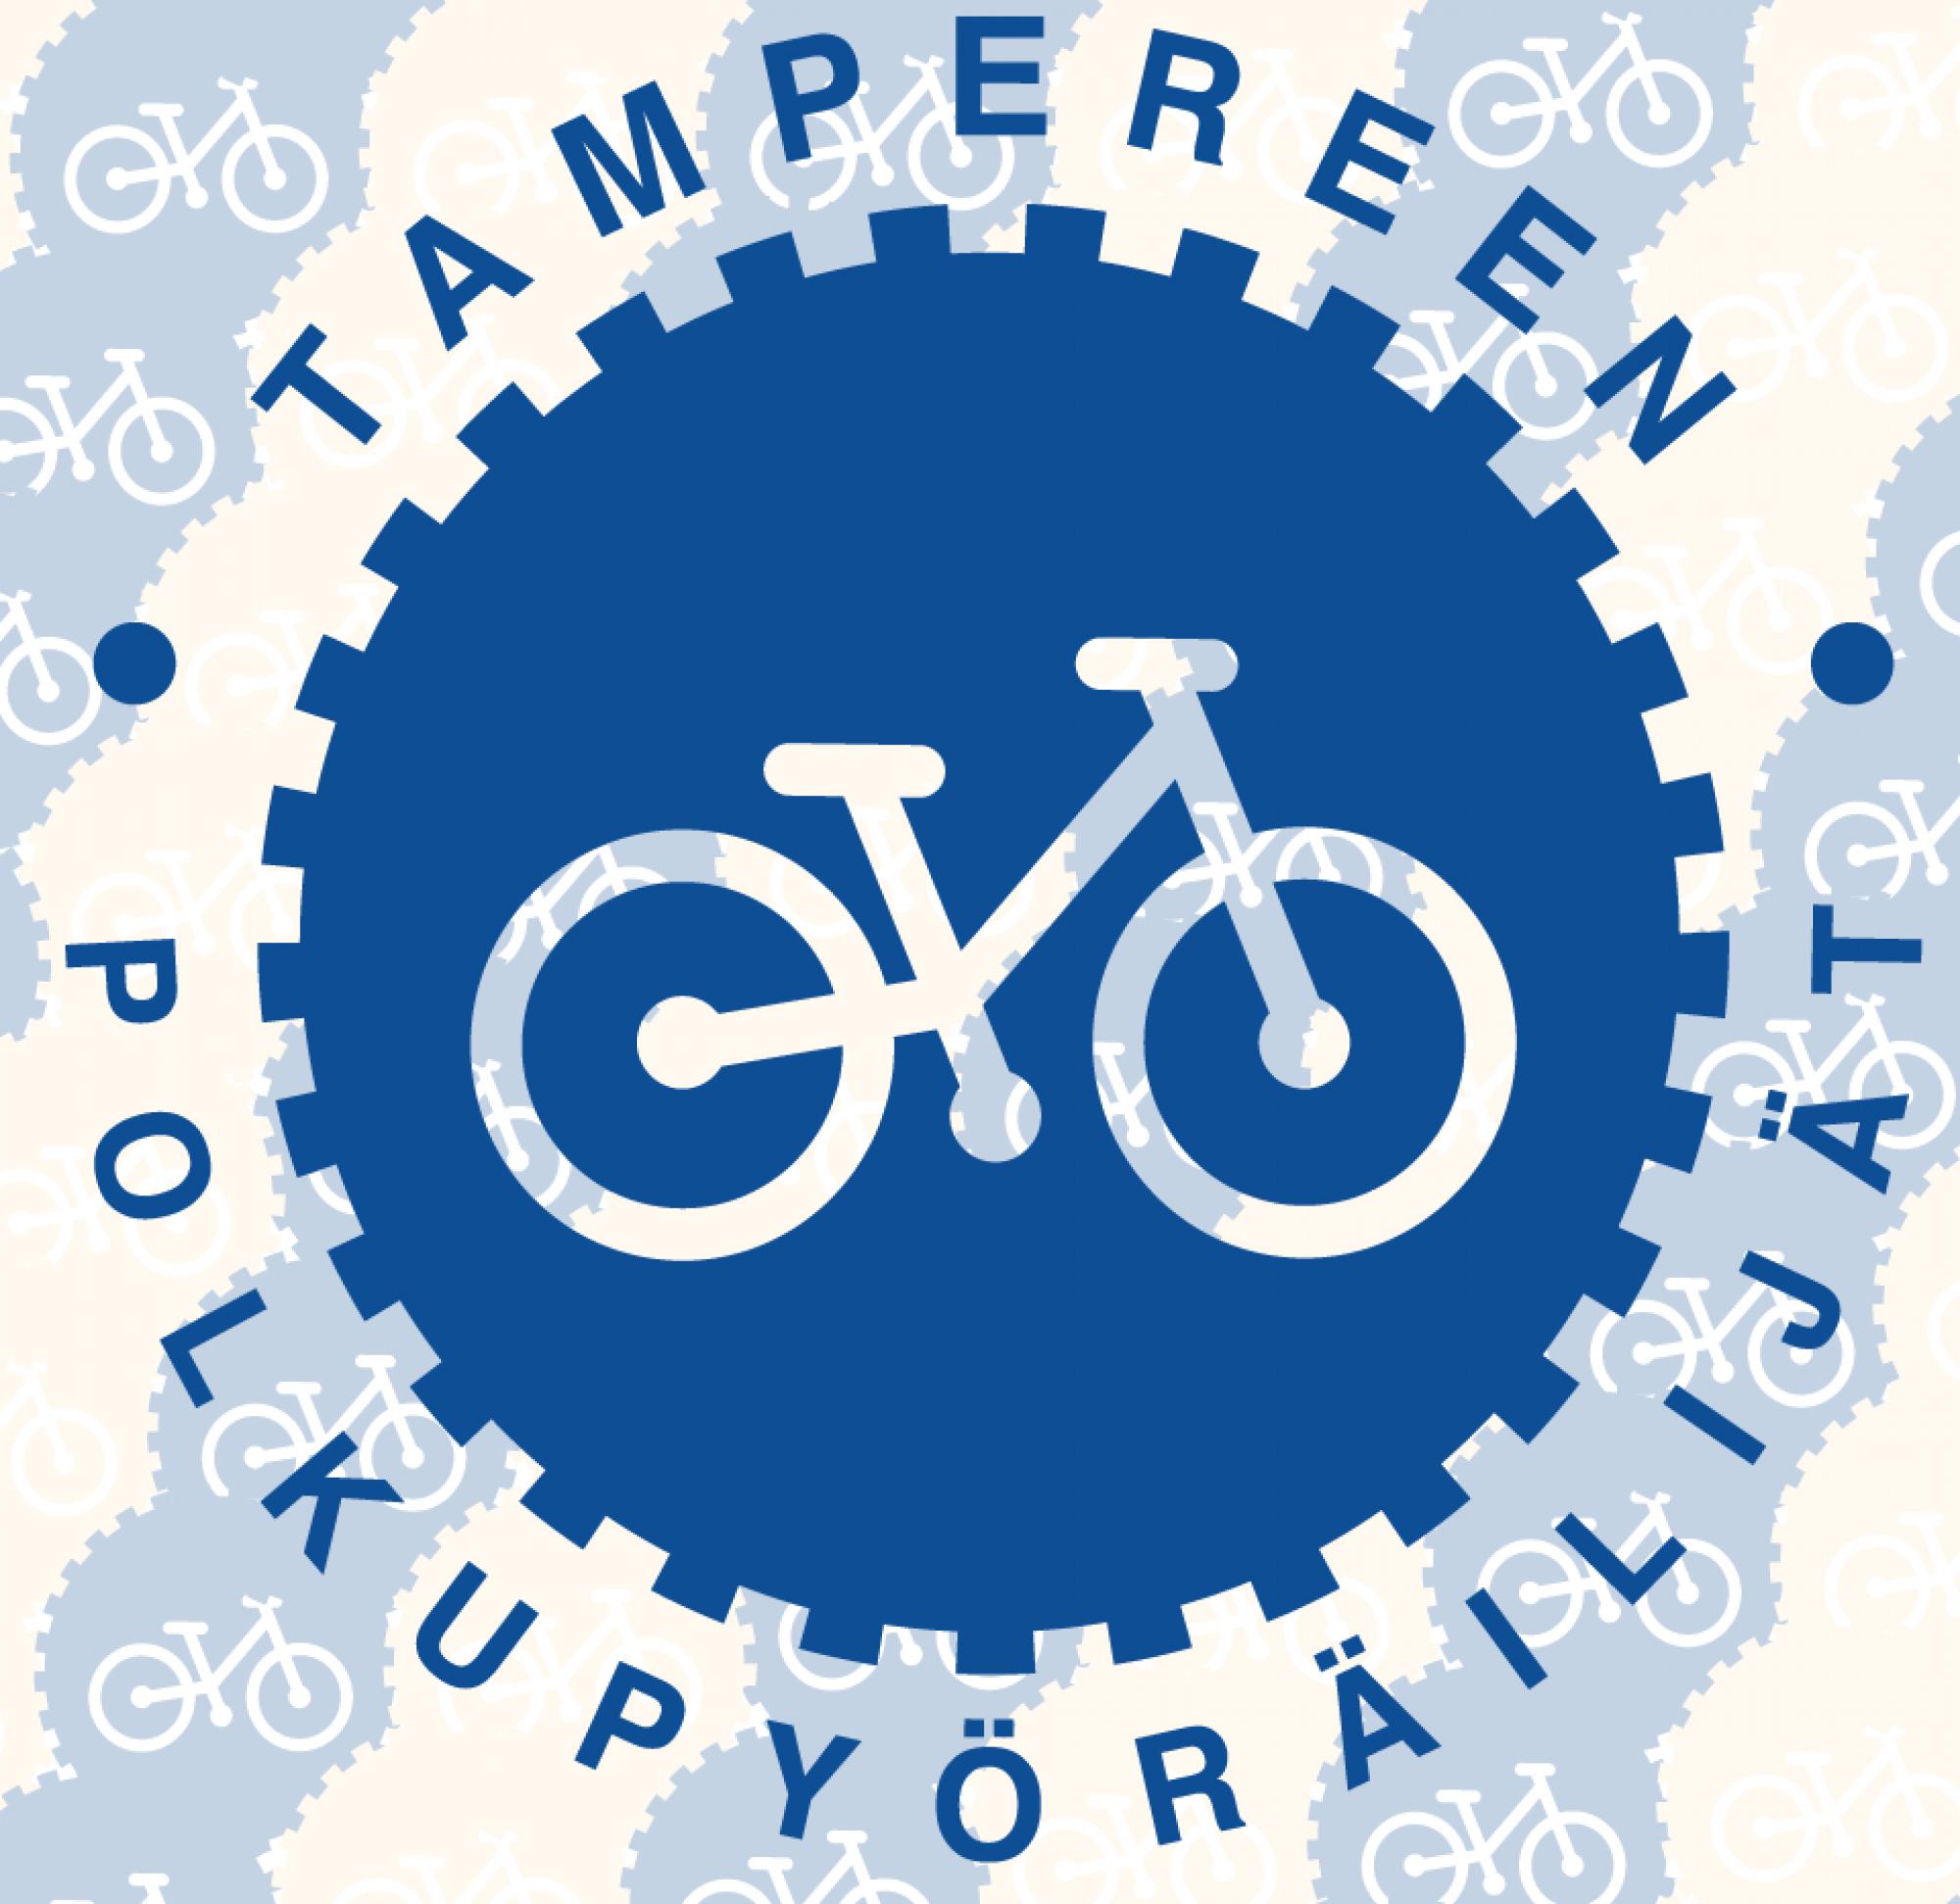 Tampereen polkupyöräilijät Ry